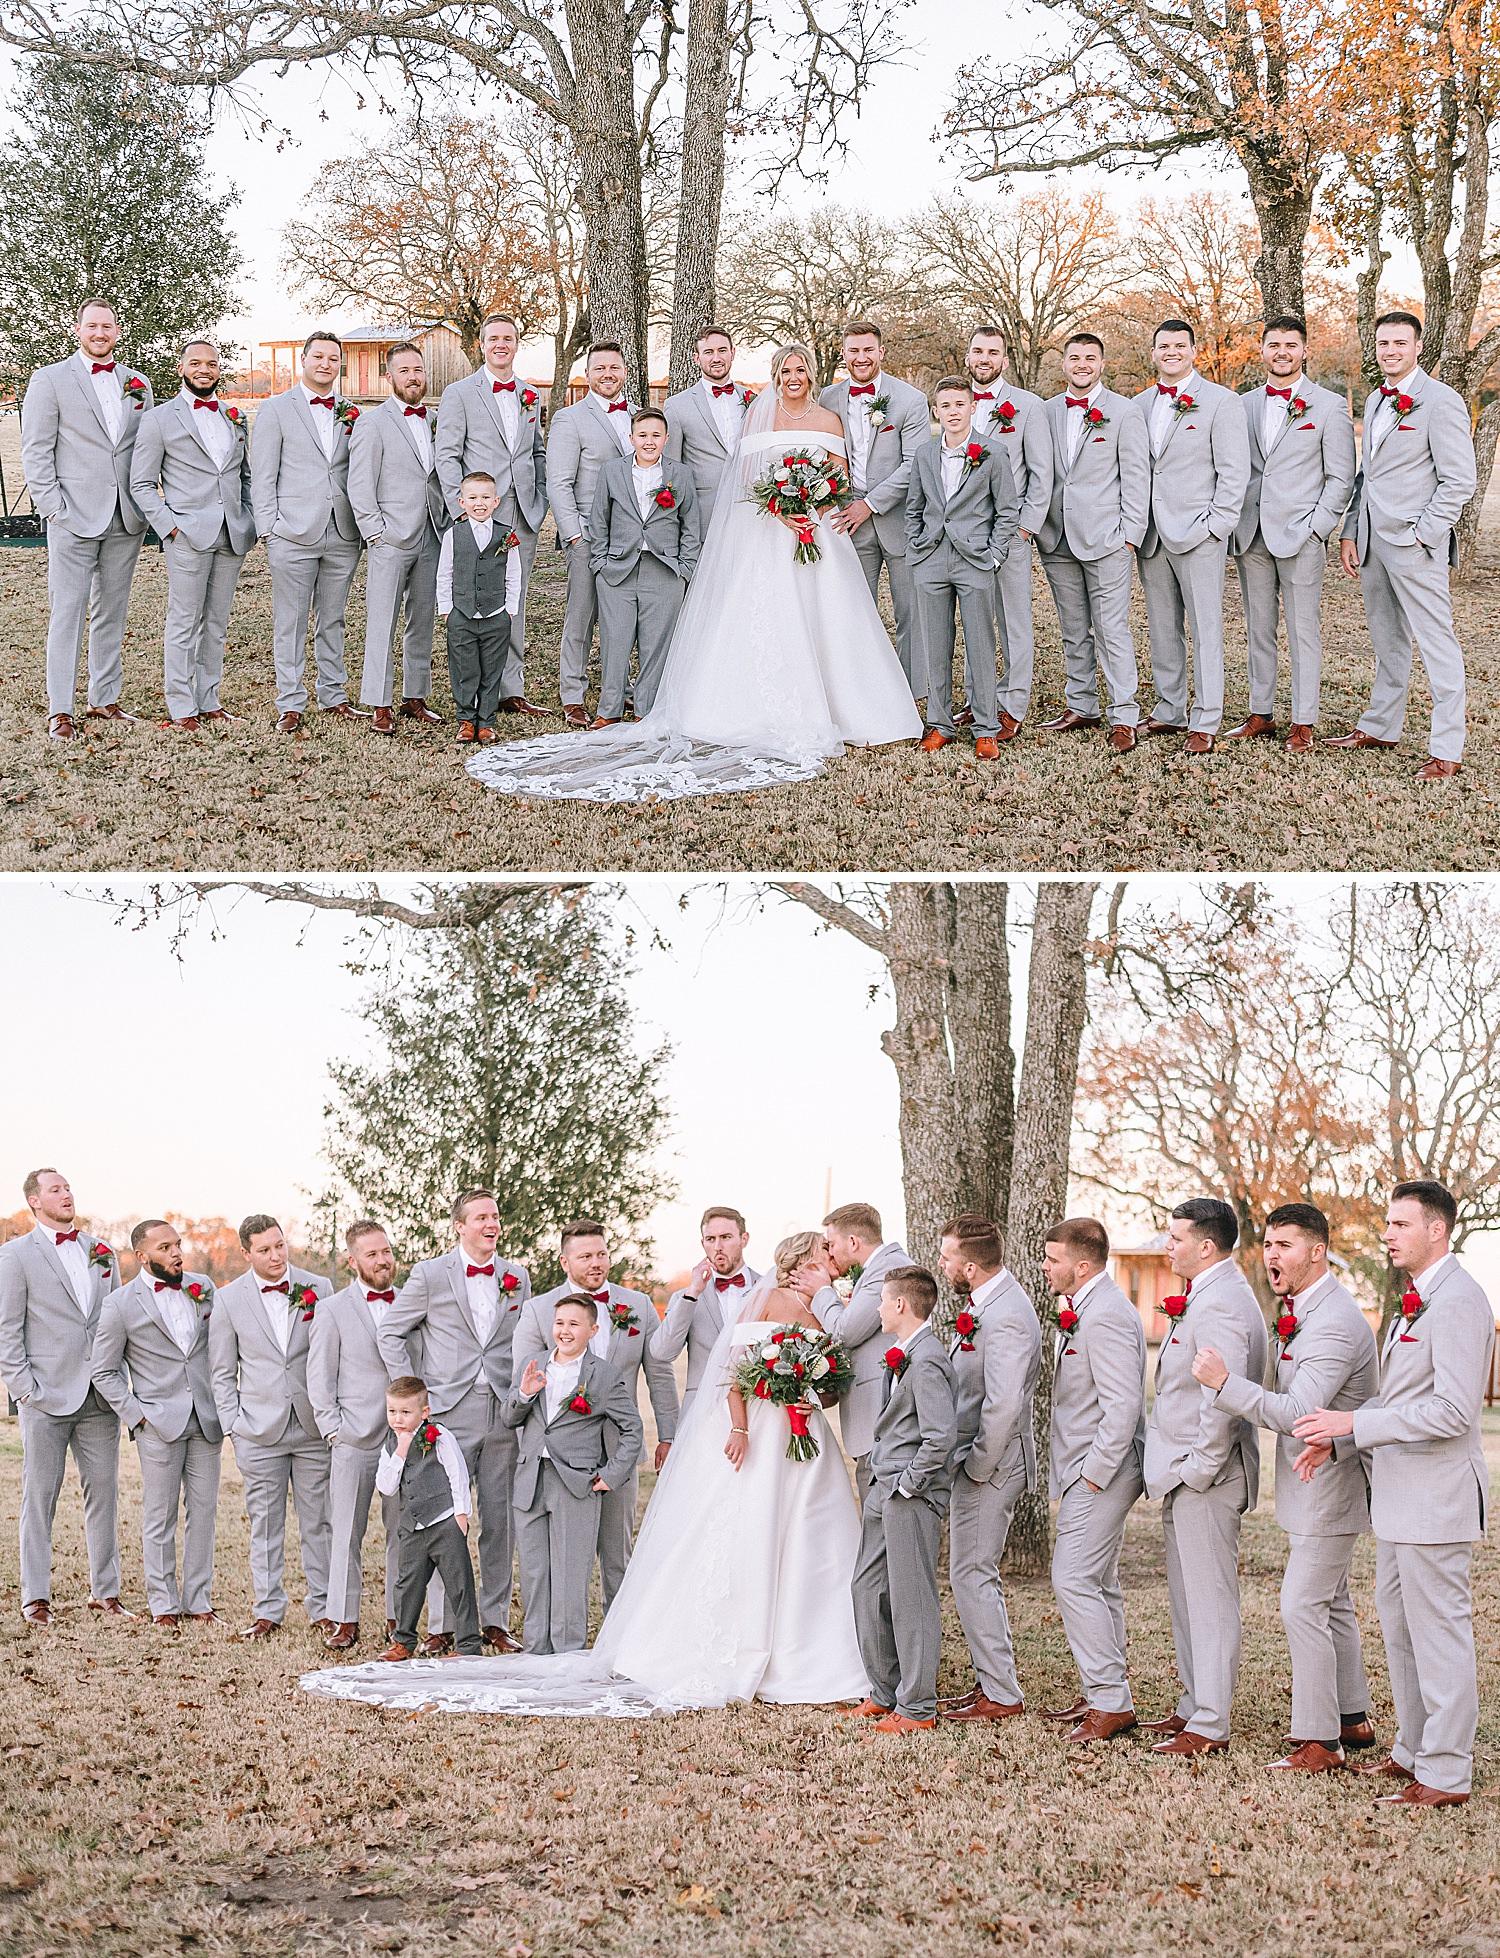 College-Station-Aggie-Wedding-The-Weinberg-at-Wixon-Valley-Christmas-Hallmark-Wedding_0036.jpg